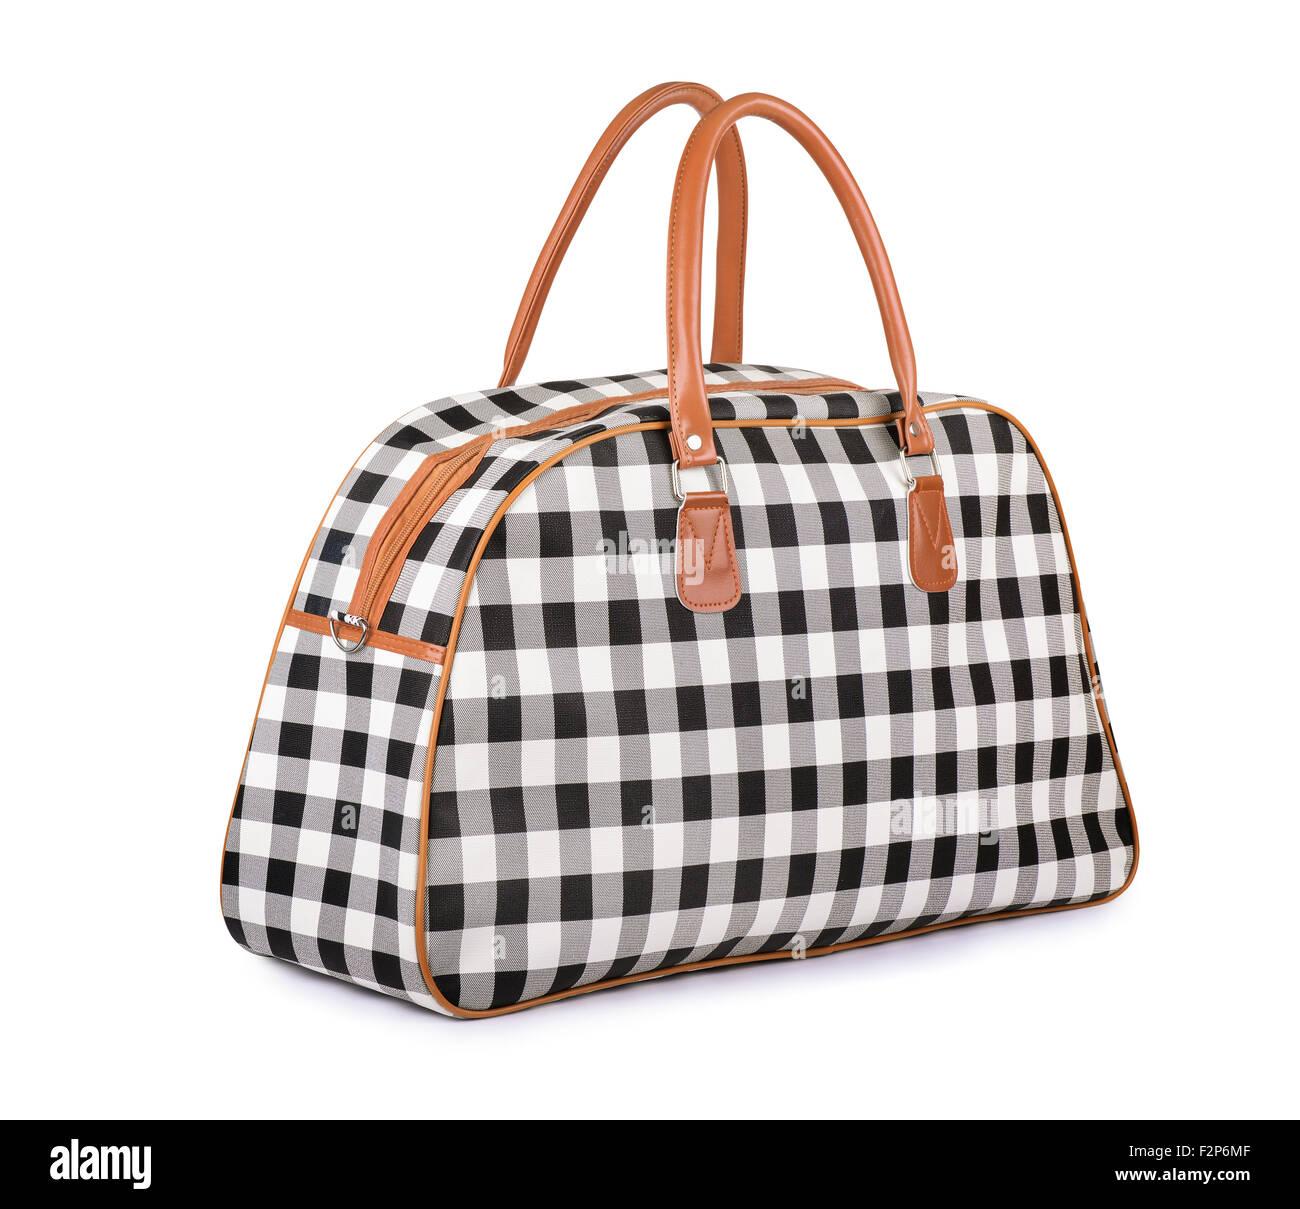 Reisen-Handtasche isoliert auf weiss Stockbild